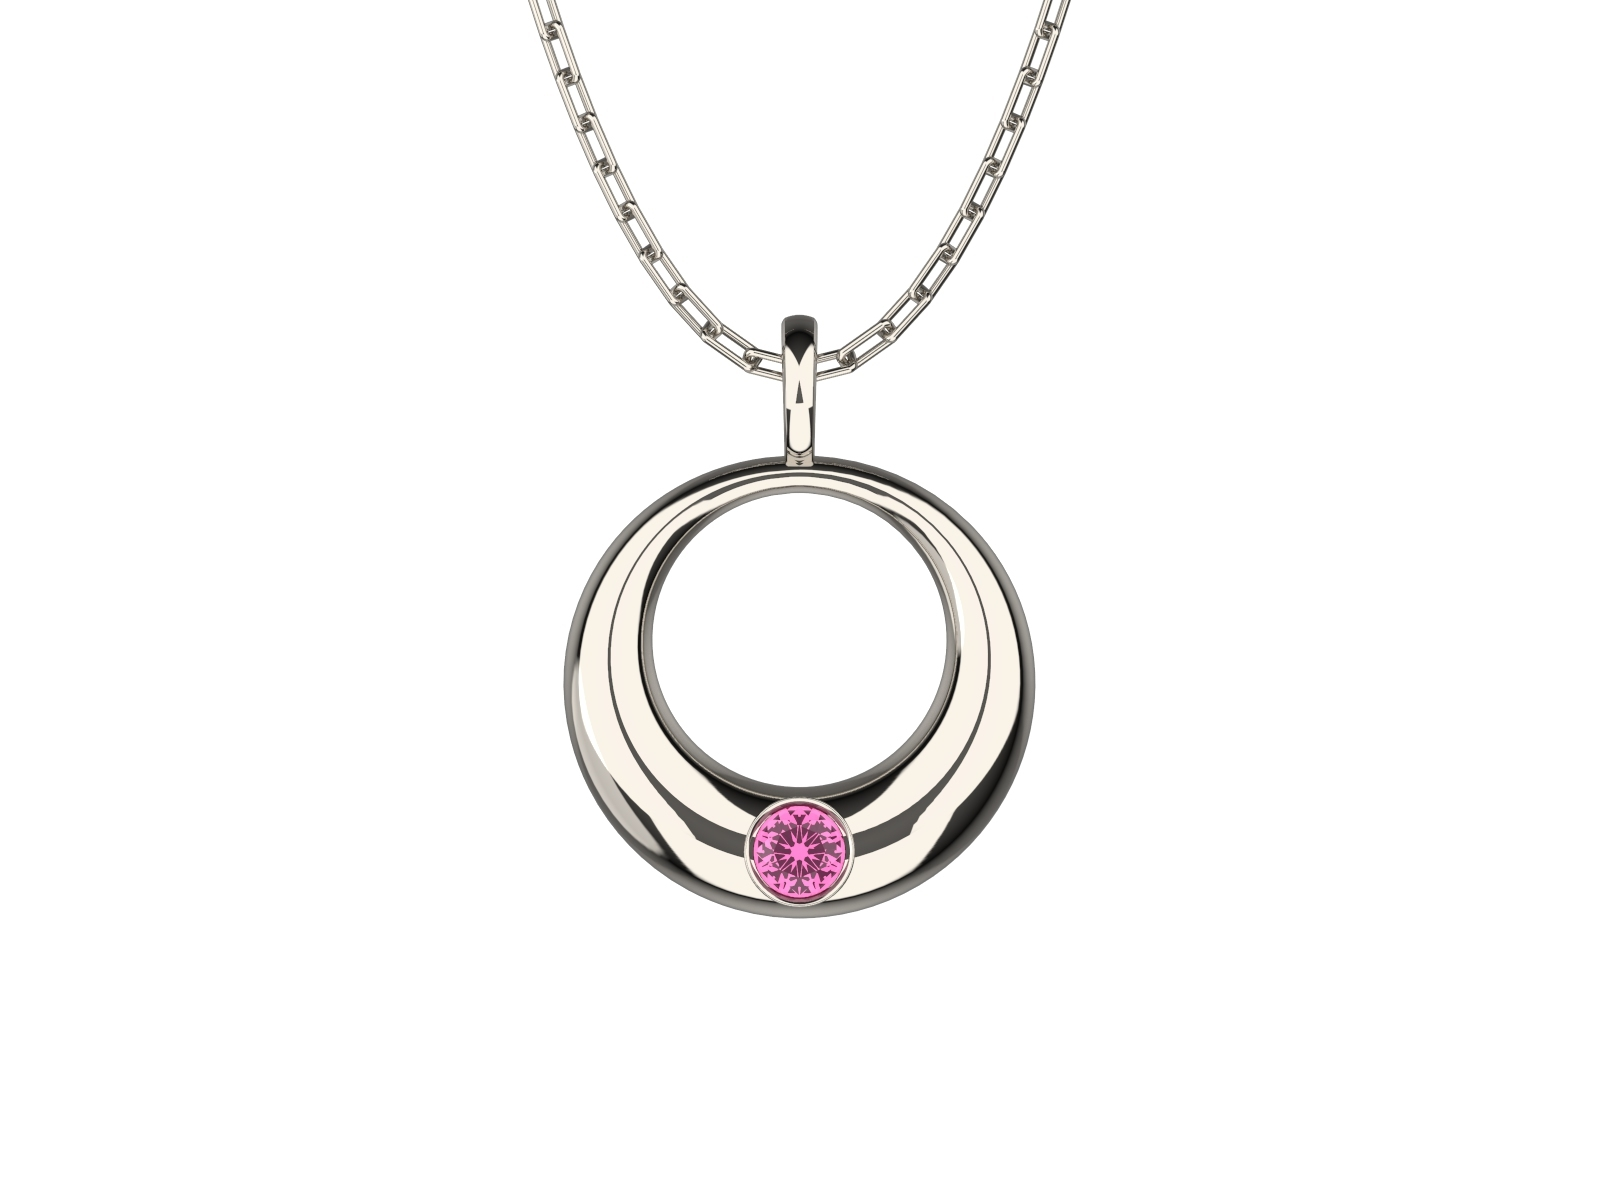 PT900 Necklace